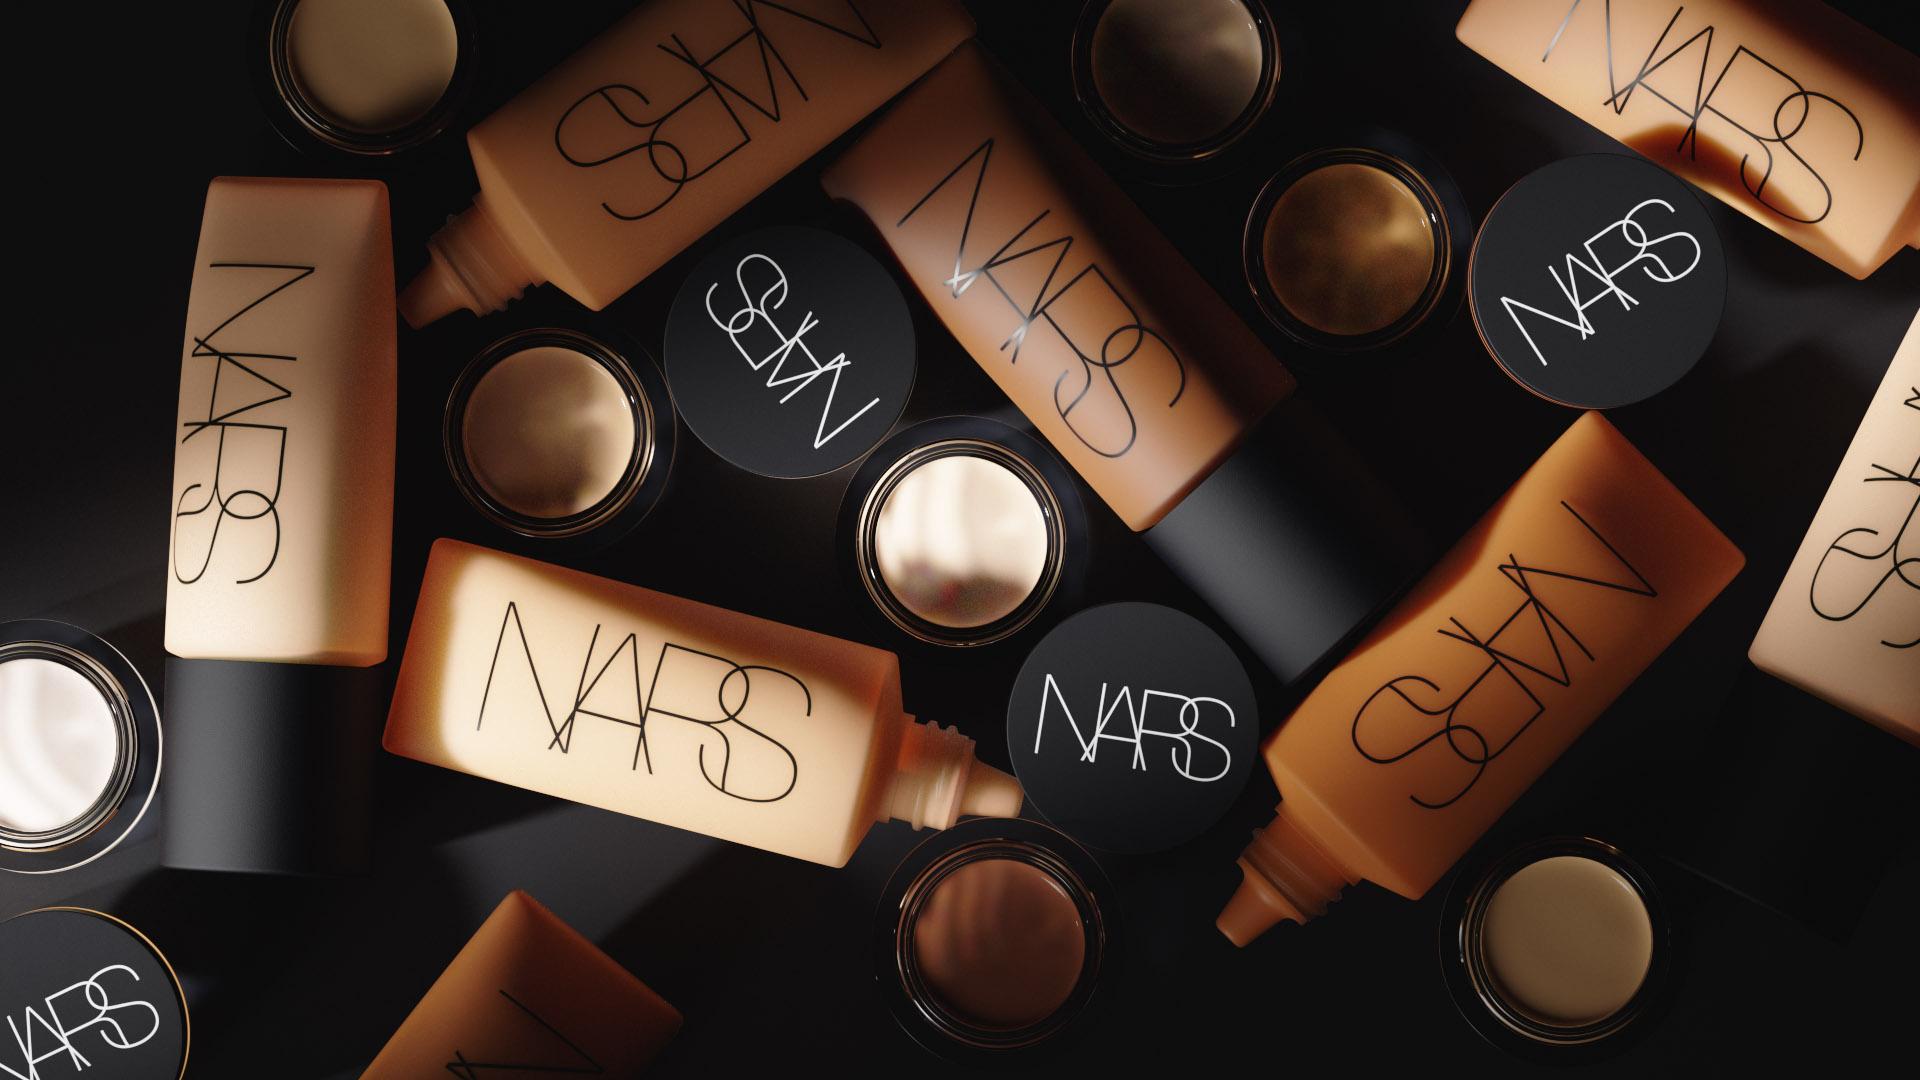 NARS_SHOT_15_a_Caustics